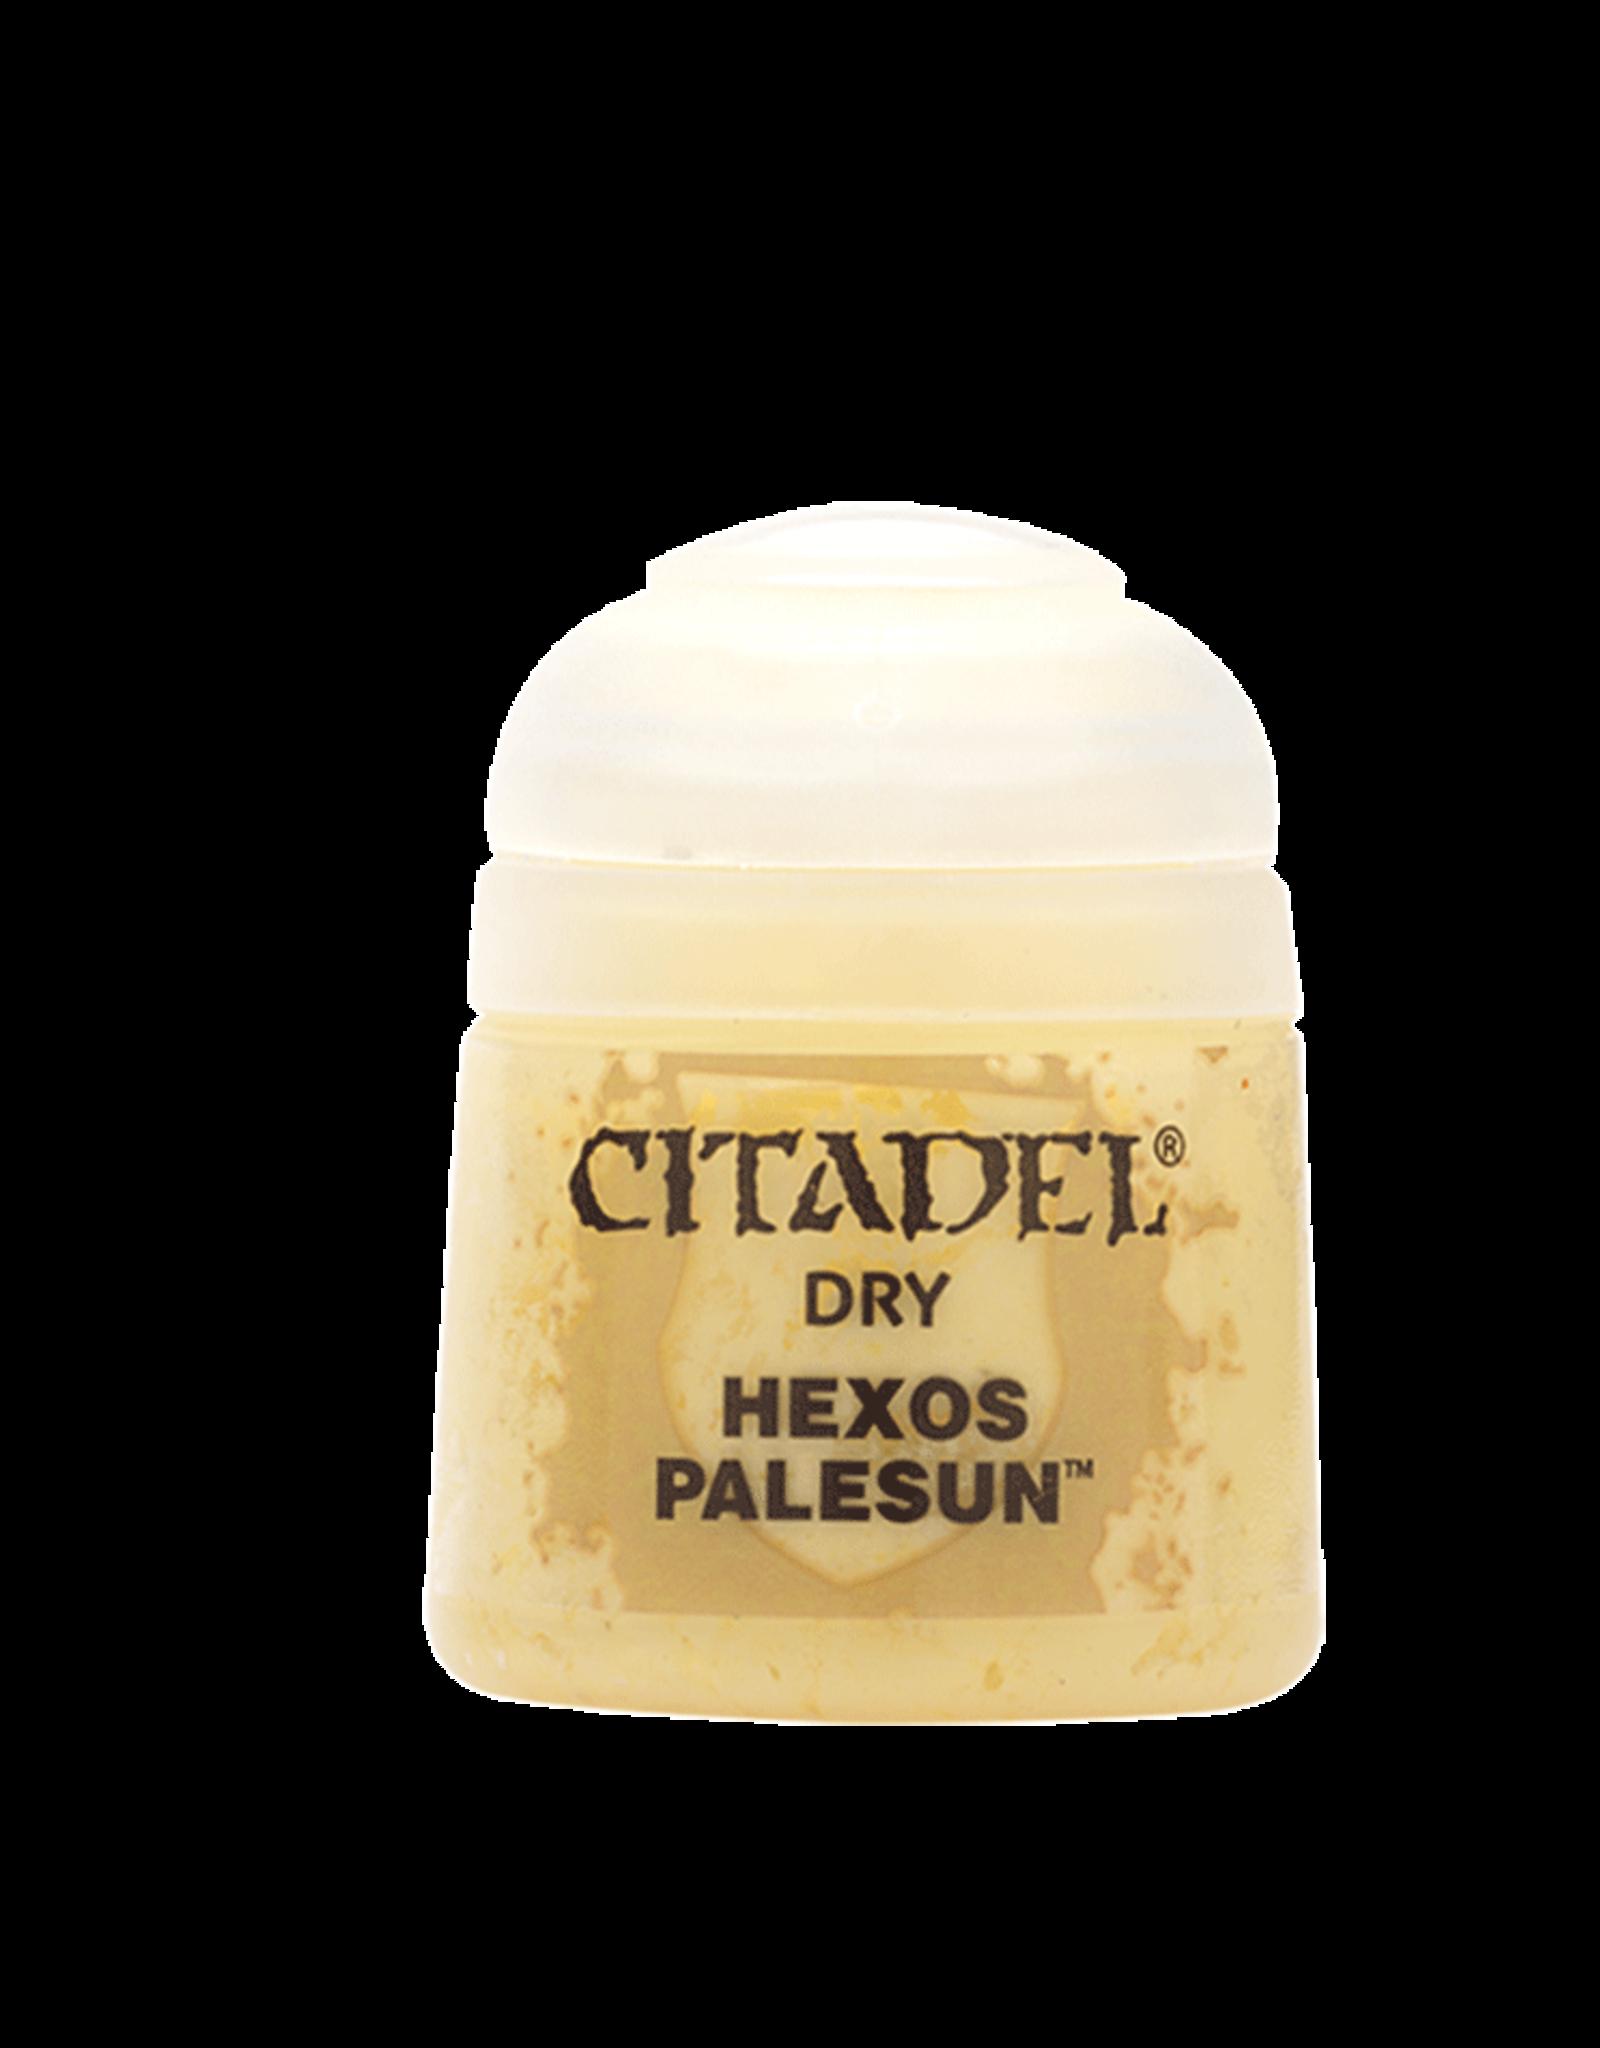 Citadel Citadel Dry: Hexos Palesun (12ml)